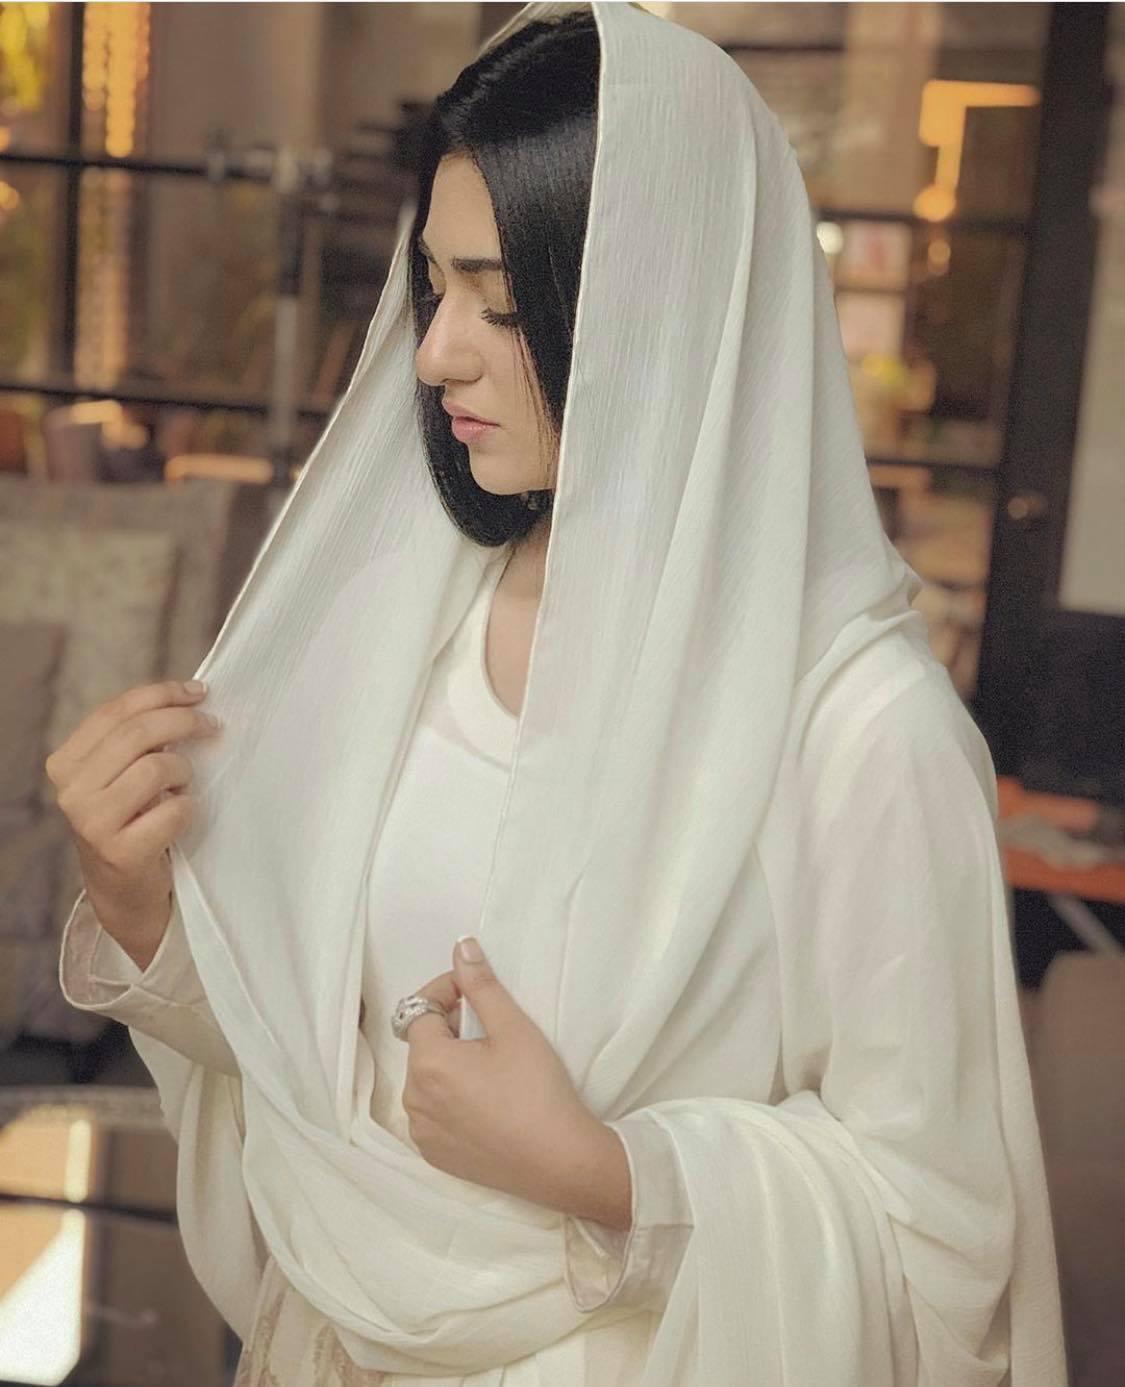 sarah khan7